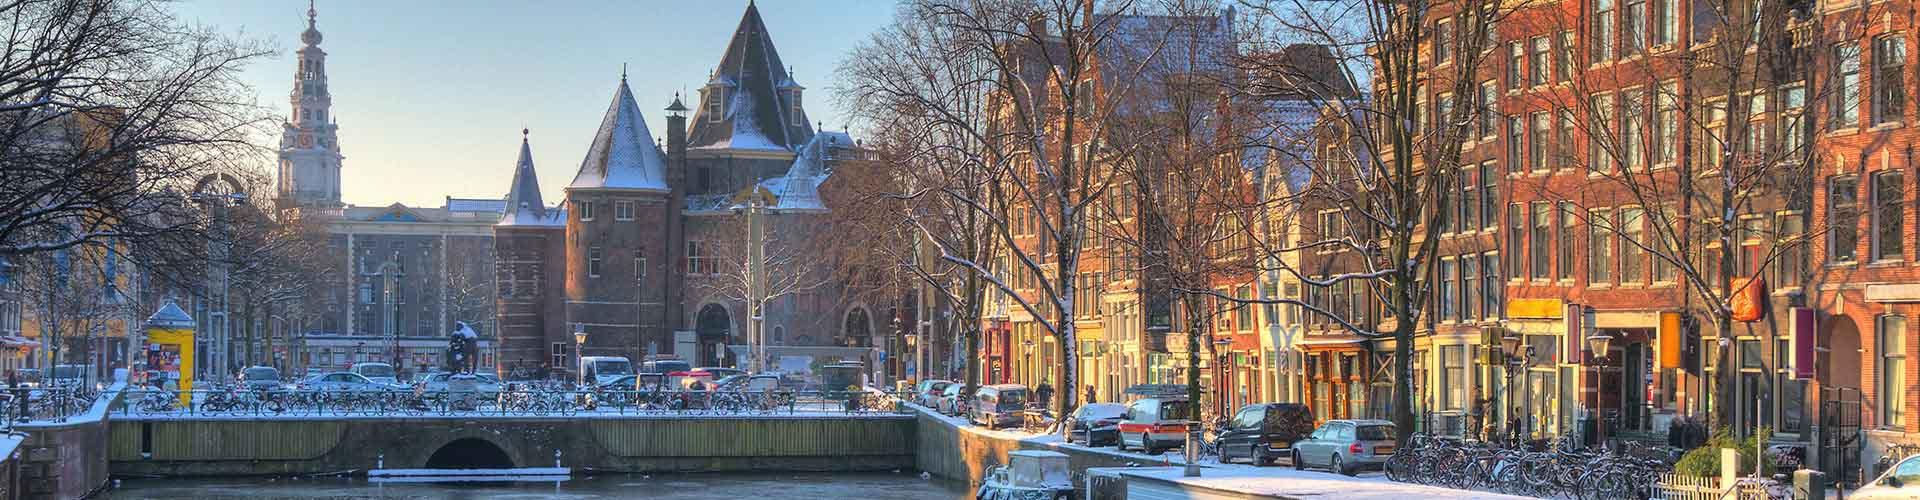 Amsterdam - Hoteles baratos cerca a Nieuwmarkt. Mapas de Amsterdam, Fotos y comentarios de cada Hotel en Amsterdam.